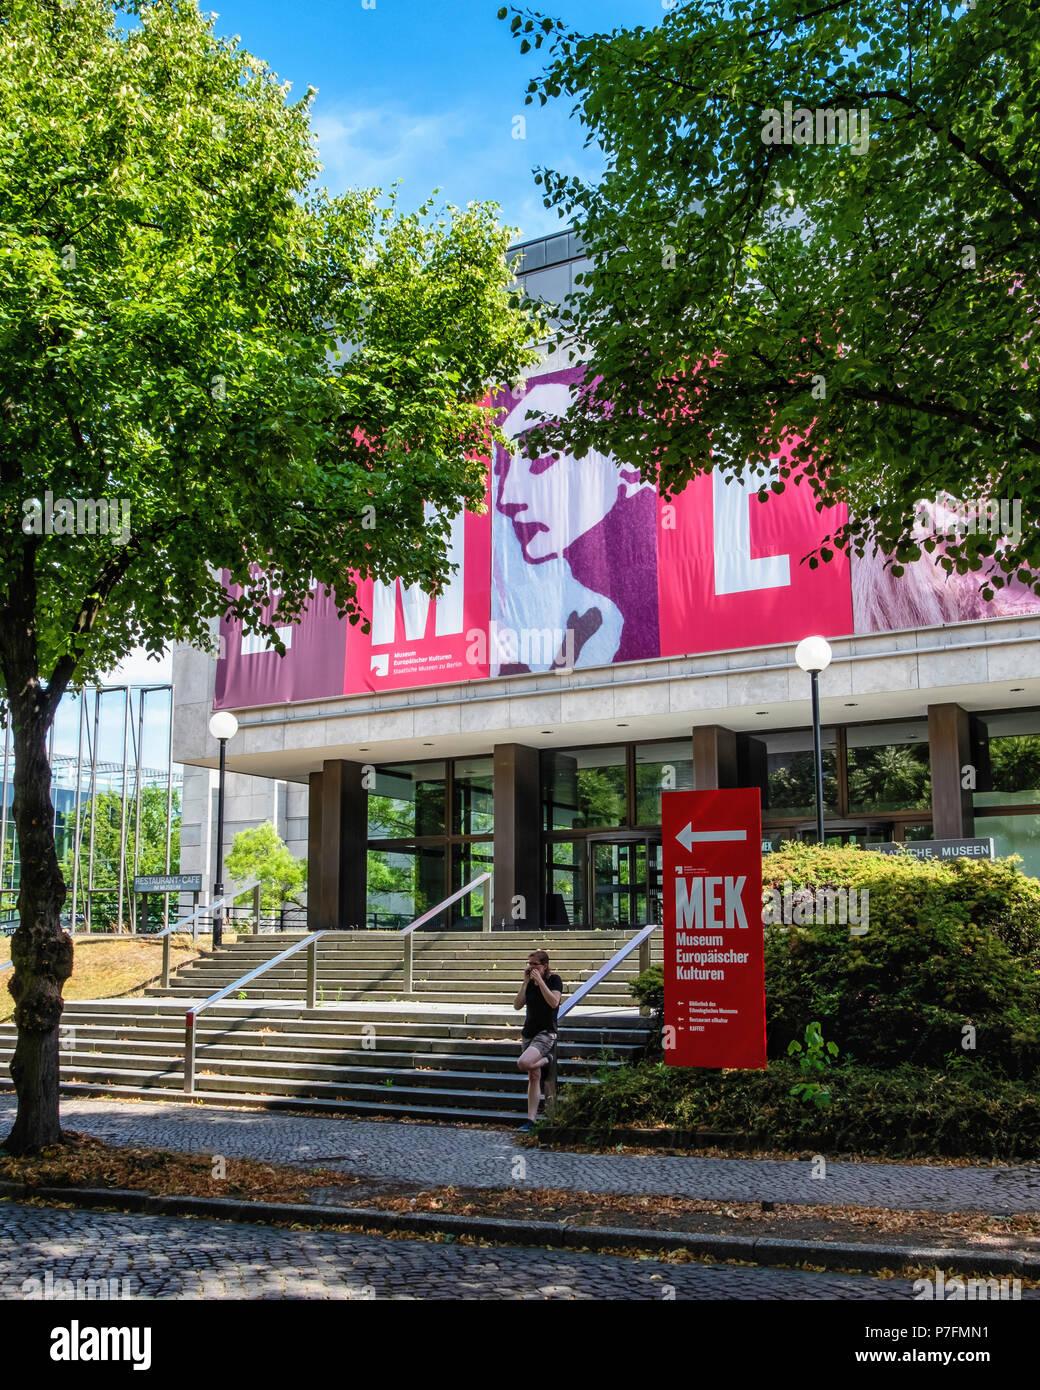 Berlino, quartiere Dahlem. MEK, il museo per le culture europee esterno dell'edificio Immagini Stock